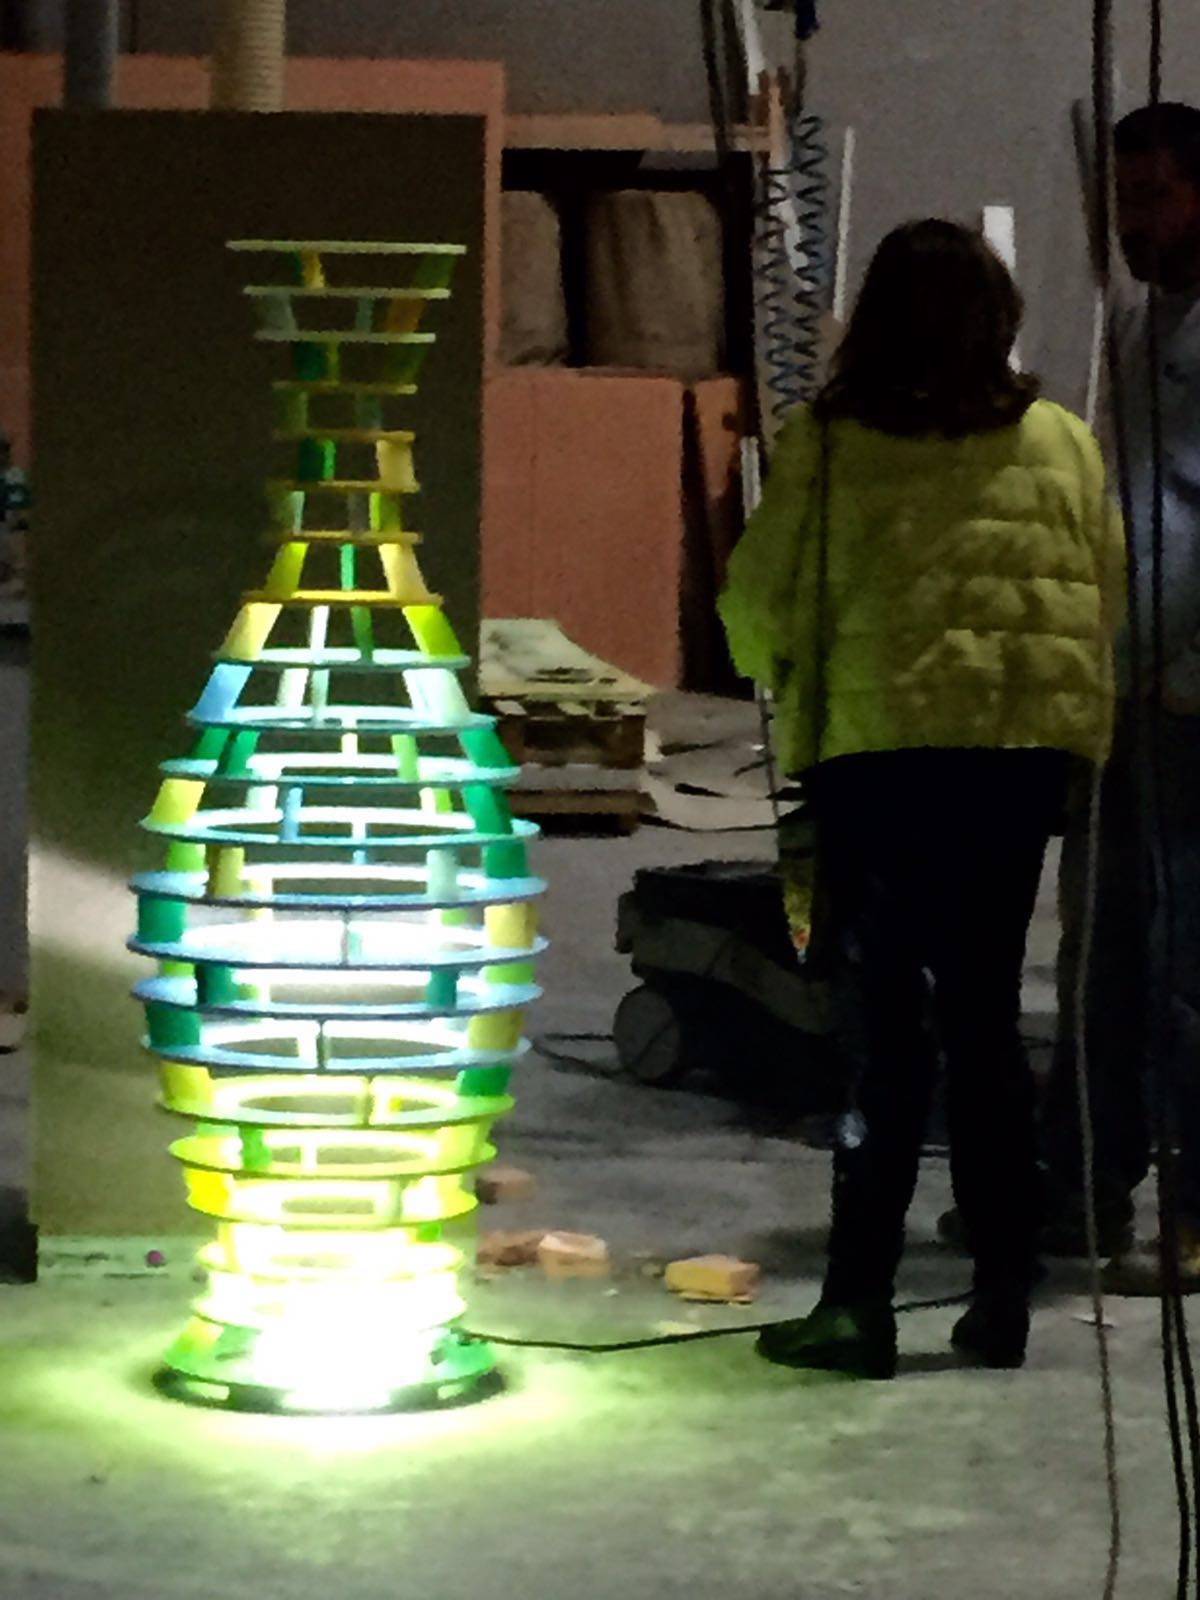 Escultura MUHER Philips Hong Kong 5 [:es]Muher crea una escultura Feng Shui para la sede de Philips en Hong Kong[:]